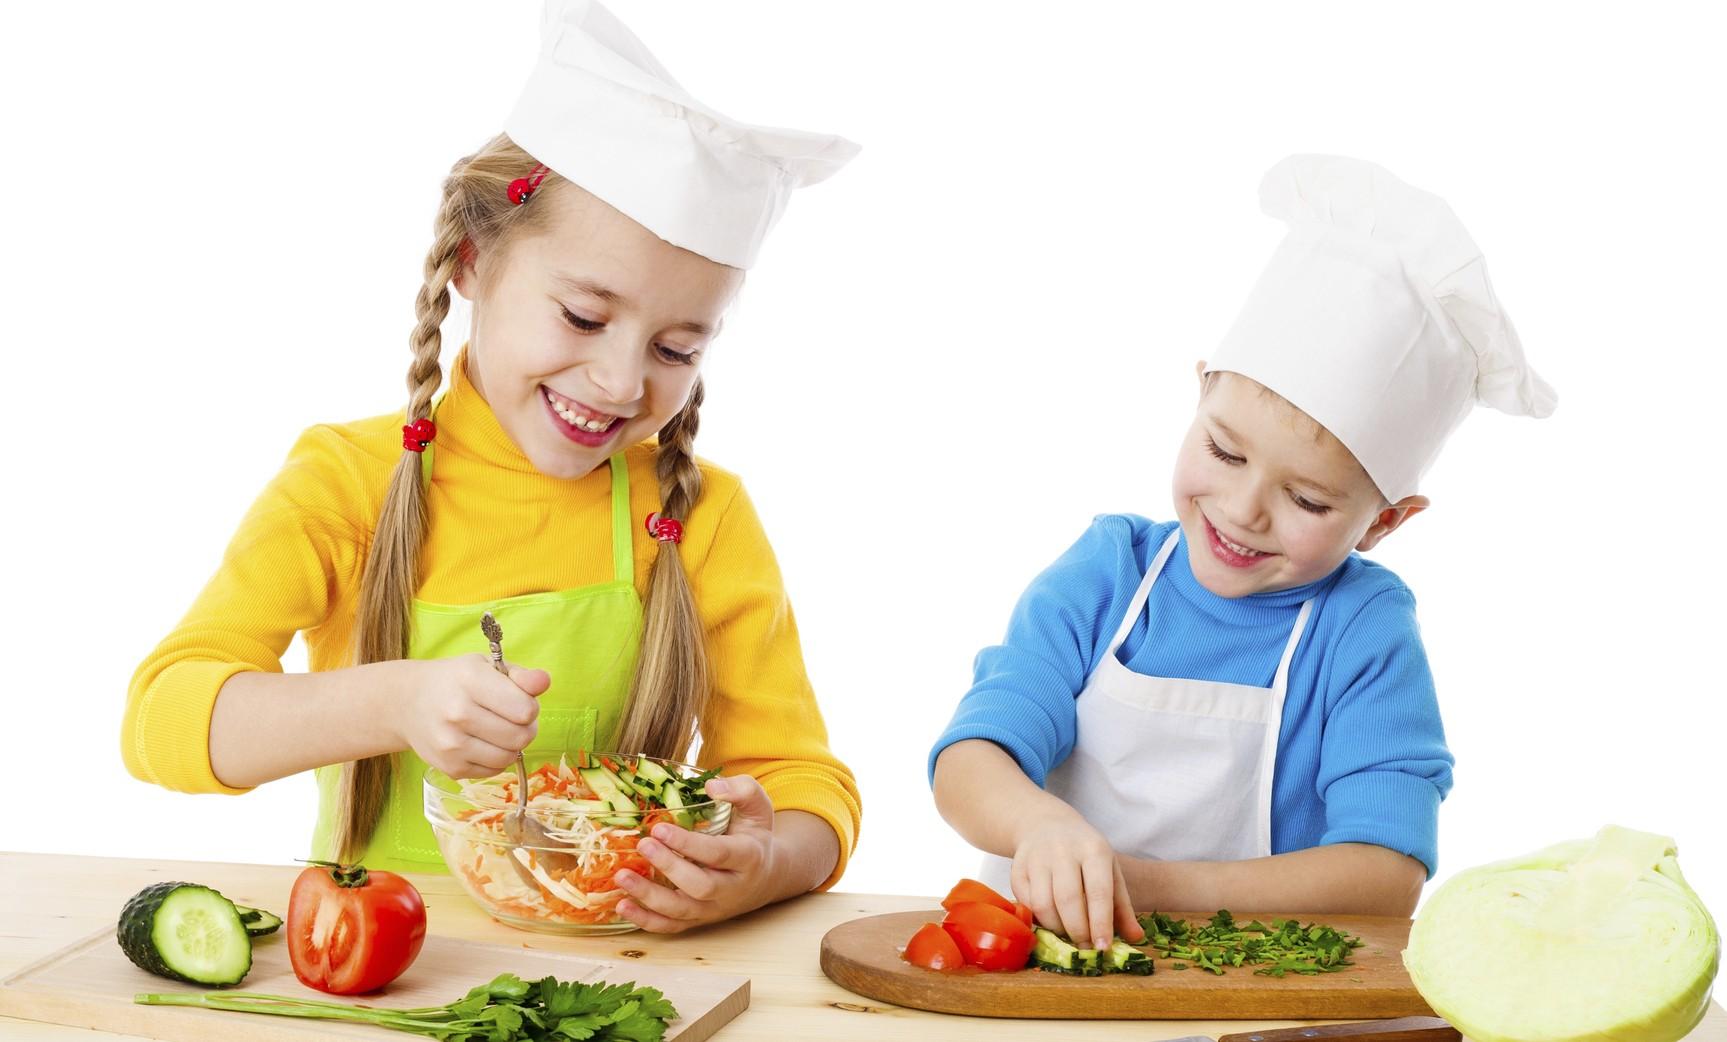 Taller de cocina para ni os en taller de cocina catering for Taller cocina ninos